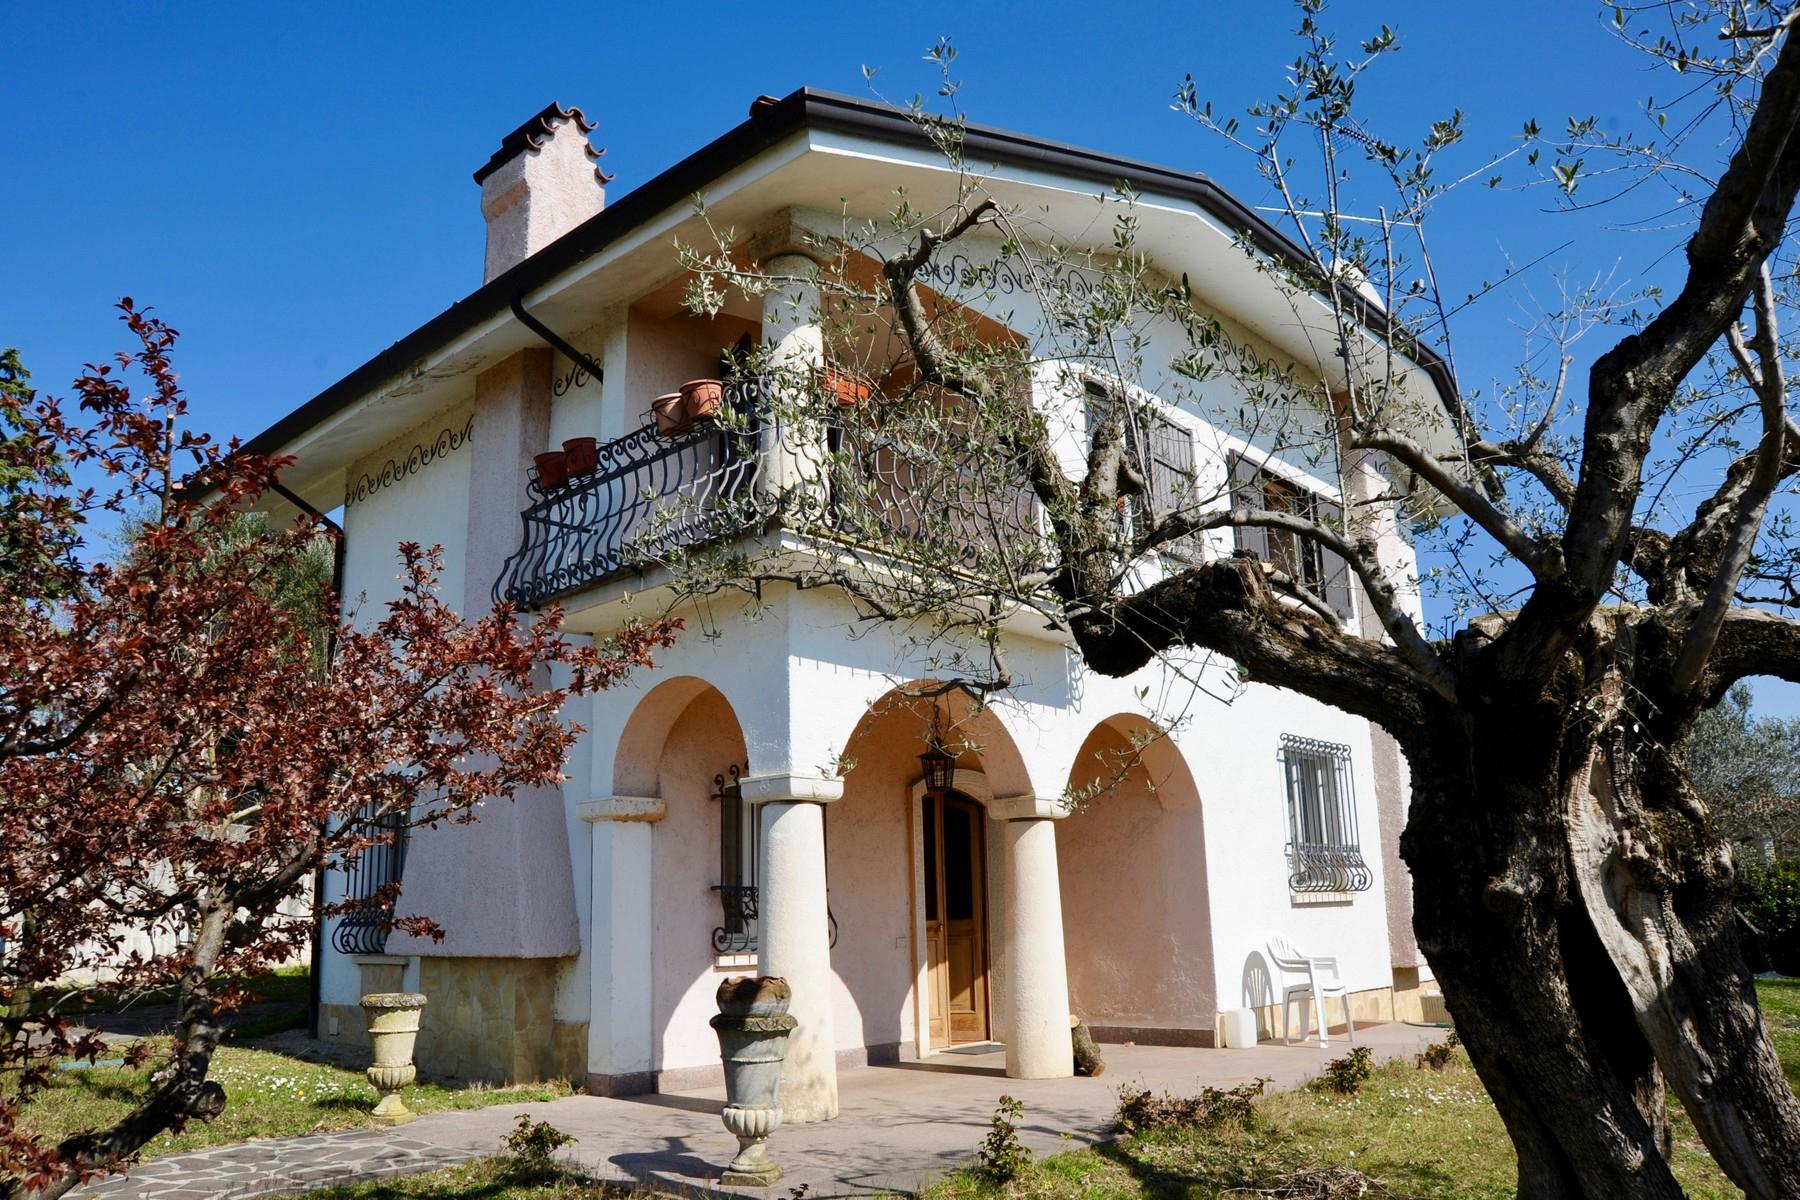 Single Family Homes for Sale at Villa with lake view in Moniga del Garda Moniga del Garda, Brescia Italy